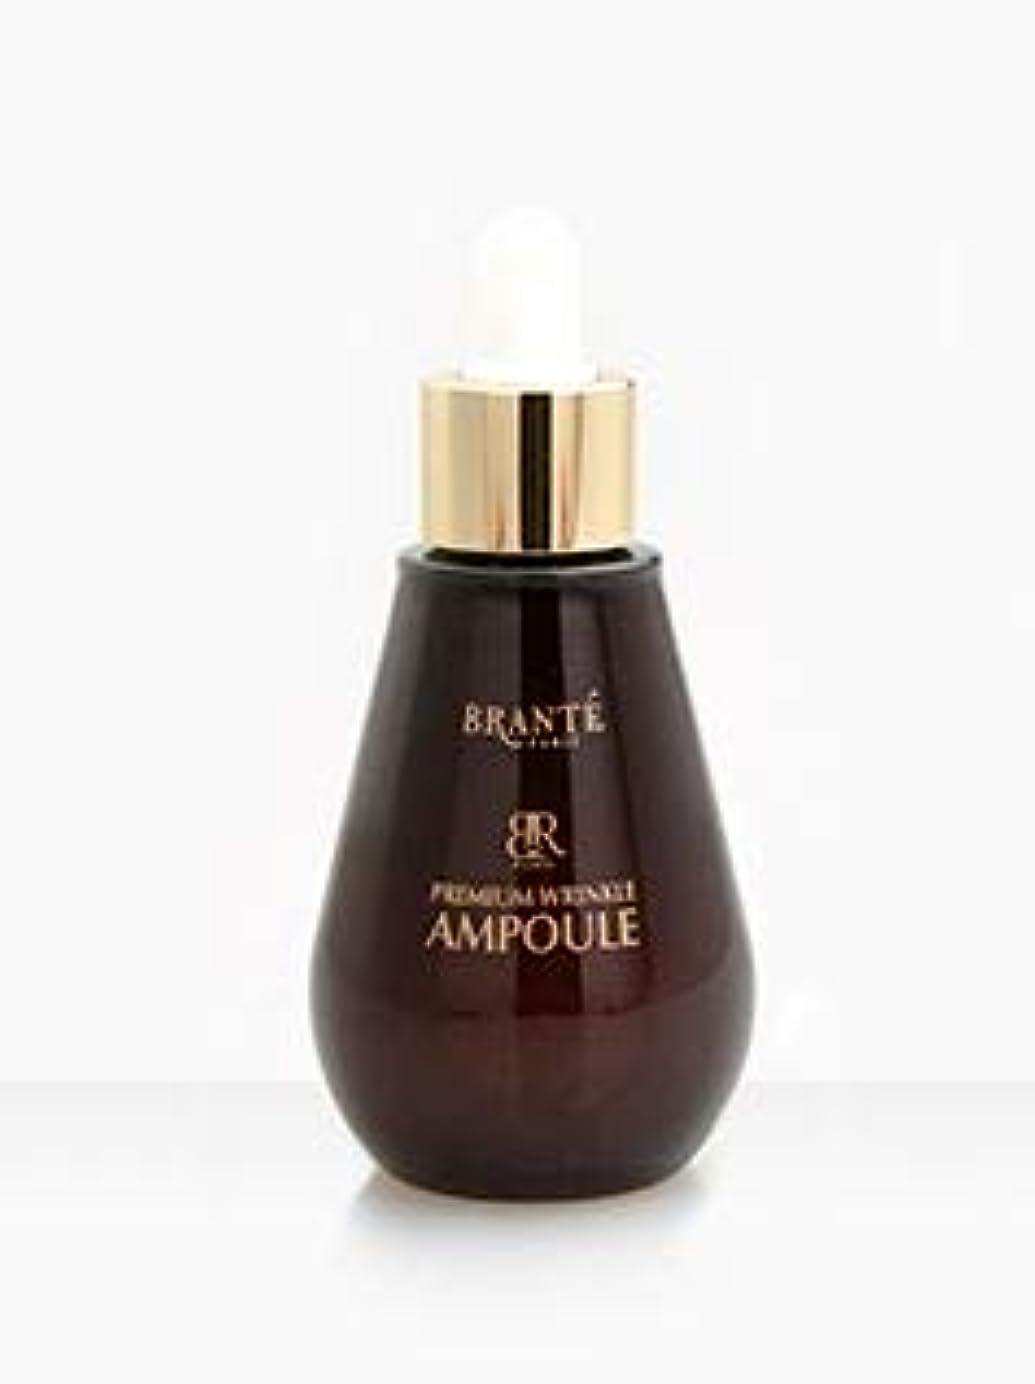 枝殺人実り多い[BRANTE] Premium Wrinkle Ampoule 50ml / [BRANTE]プレミアムリンクルアンプル50ml [並行輸入品]